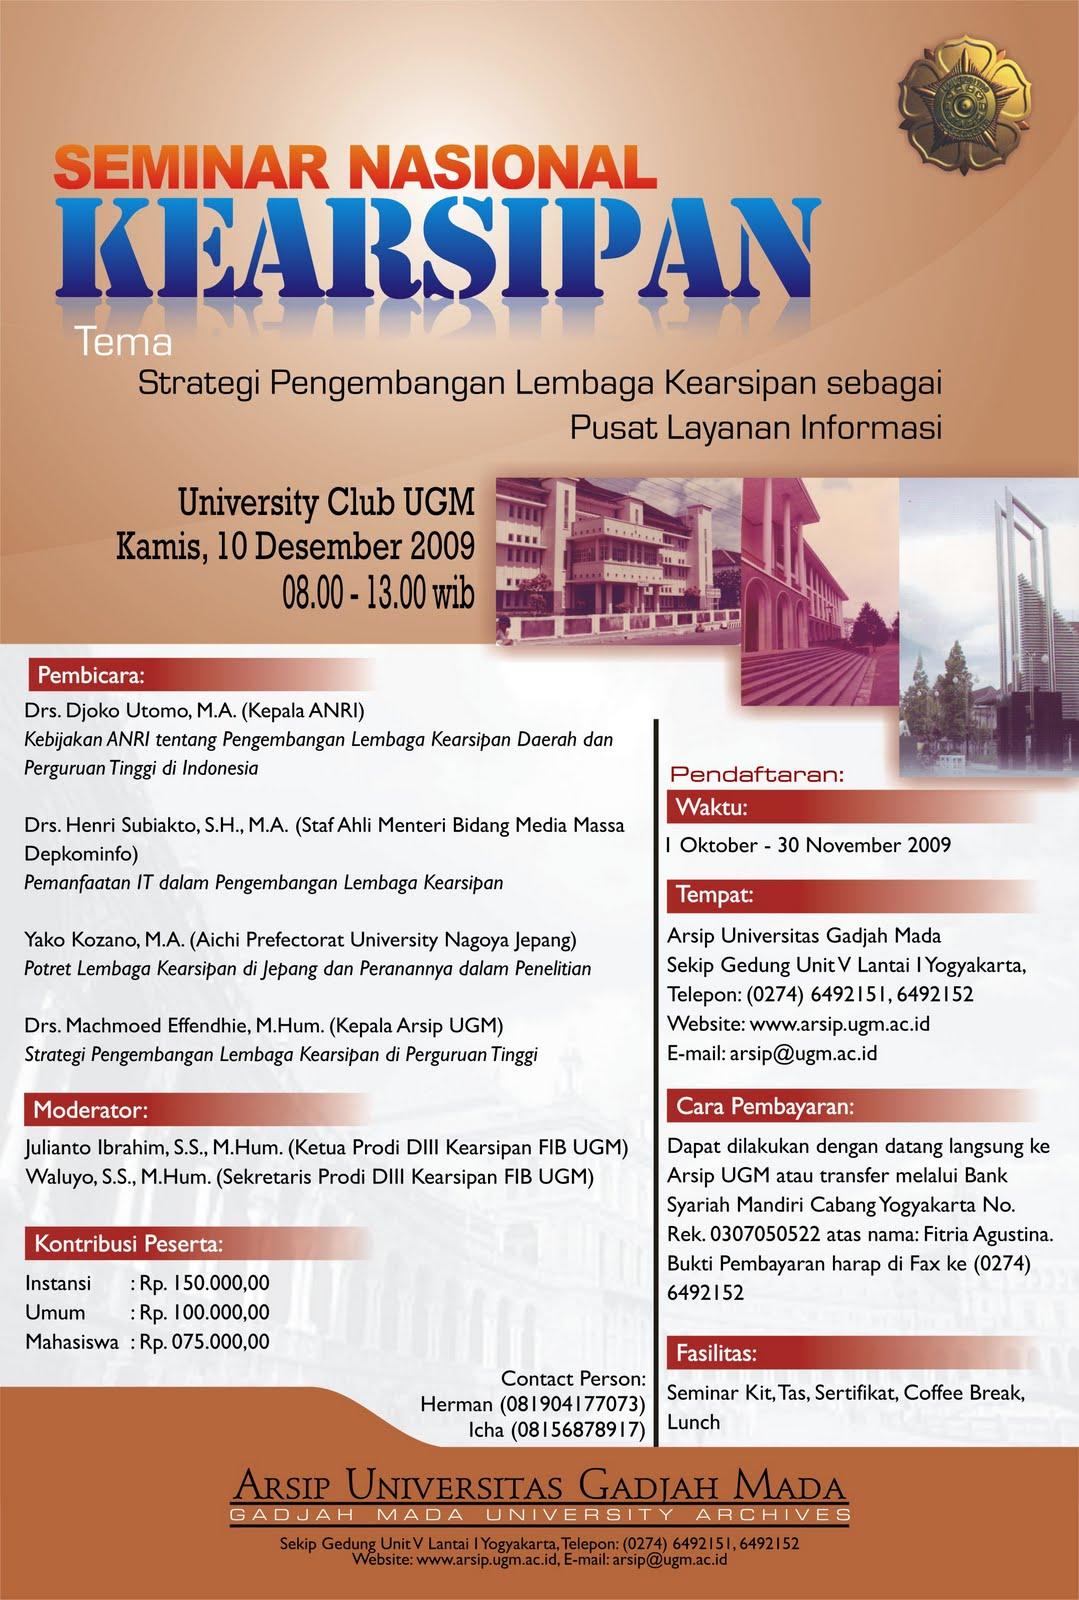 Posterbaru Arsip Universitas Gadjah Mada Akan Menyelenggarakan Seminar Nasional Kearsipan Dengan Tema Strategi Pengembangan Lembaga Sebagai Pusat Layanan